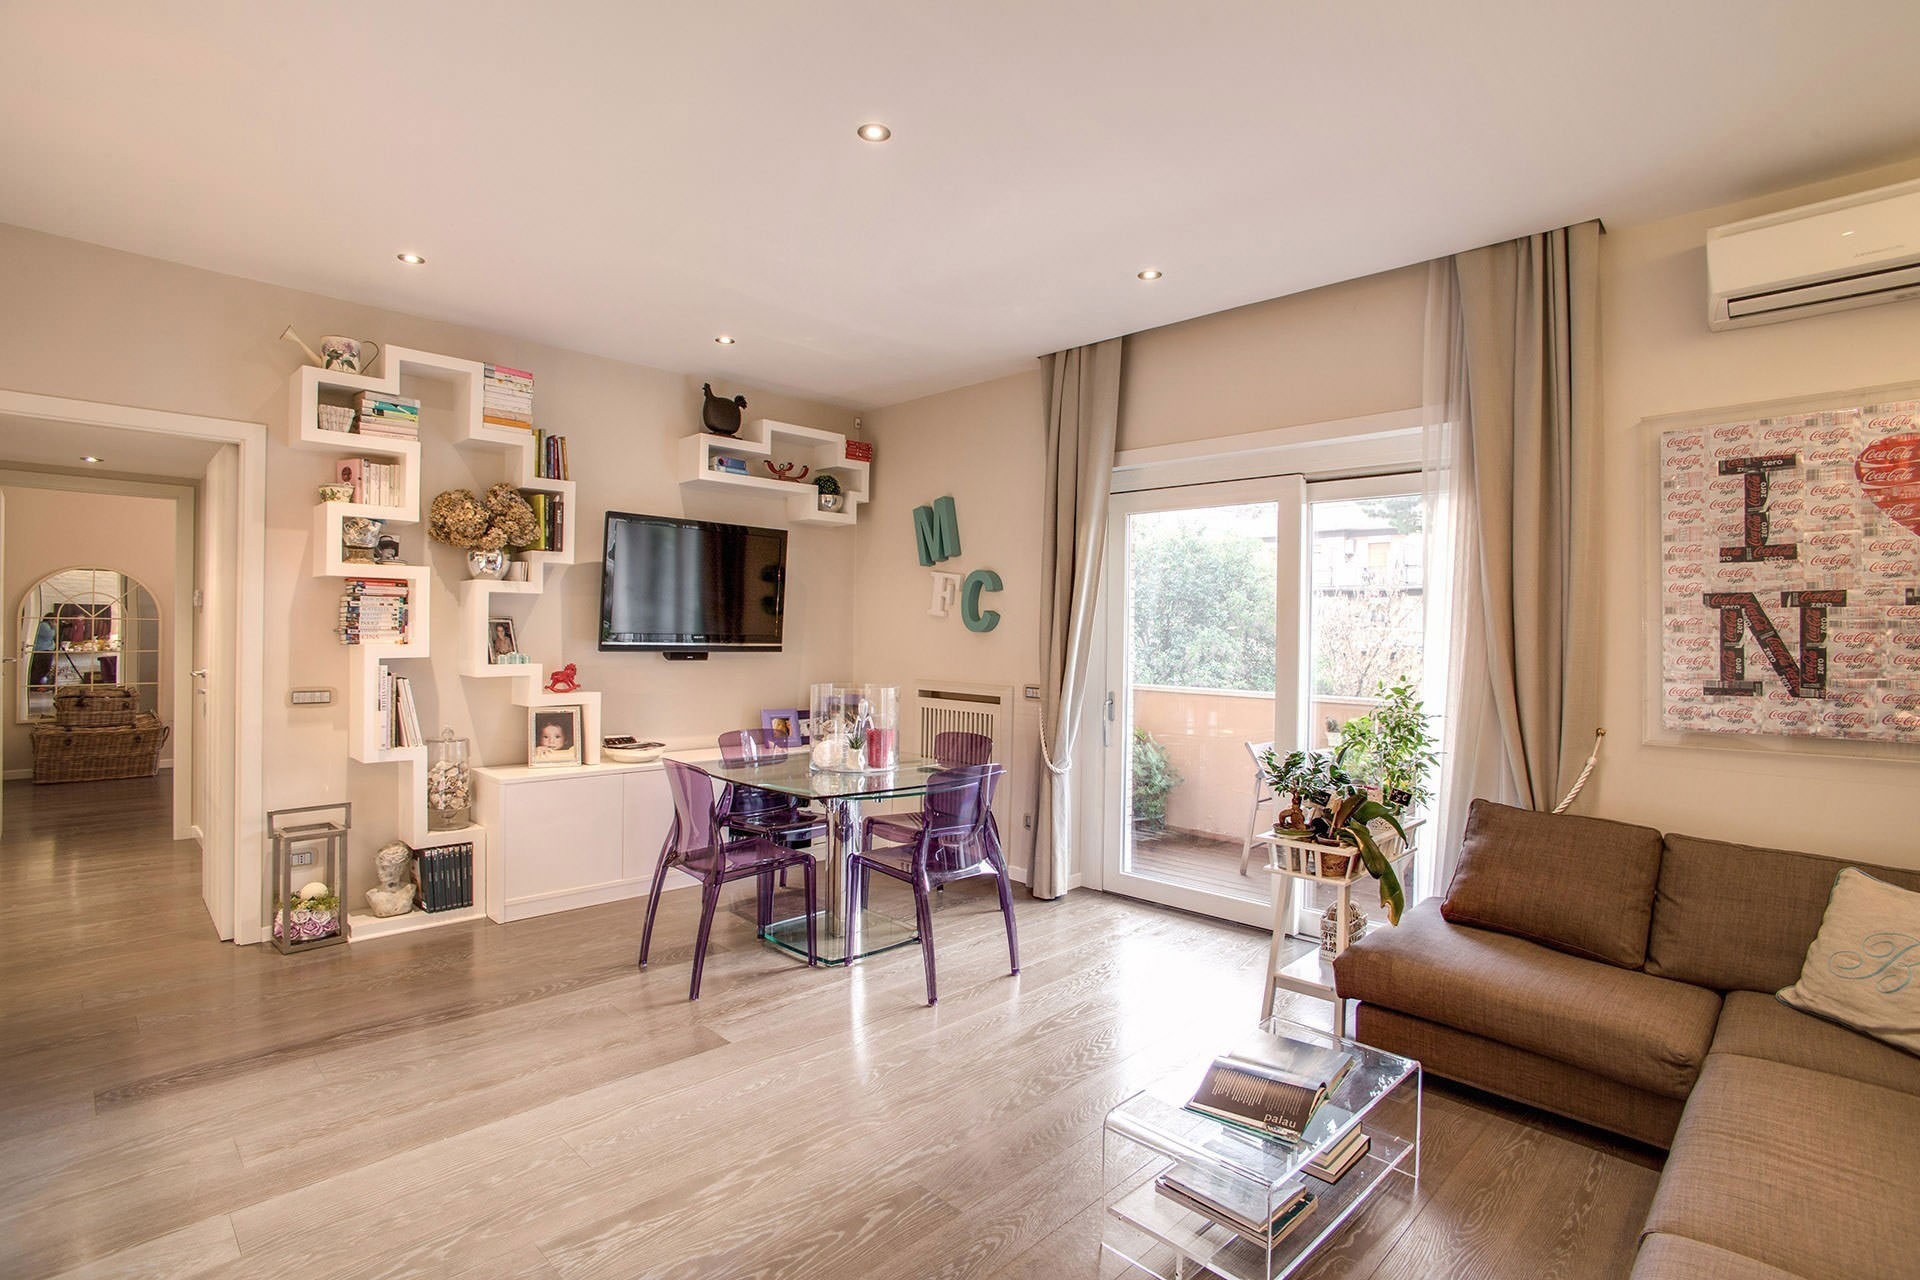 komforten-apartament-sas-sempal-dizain-v-rim-7g